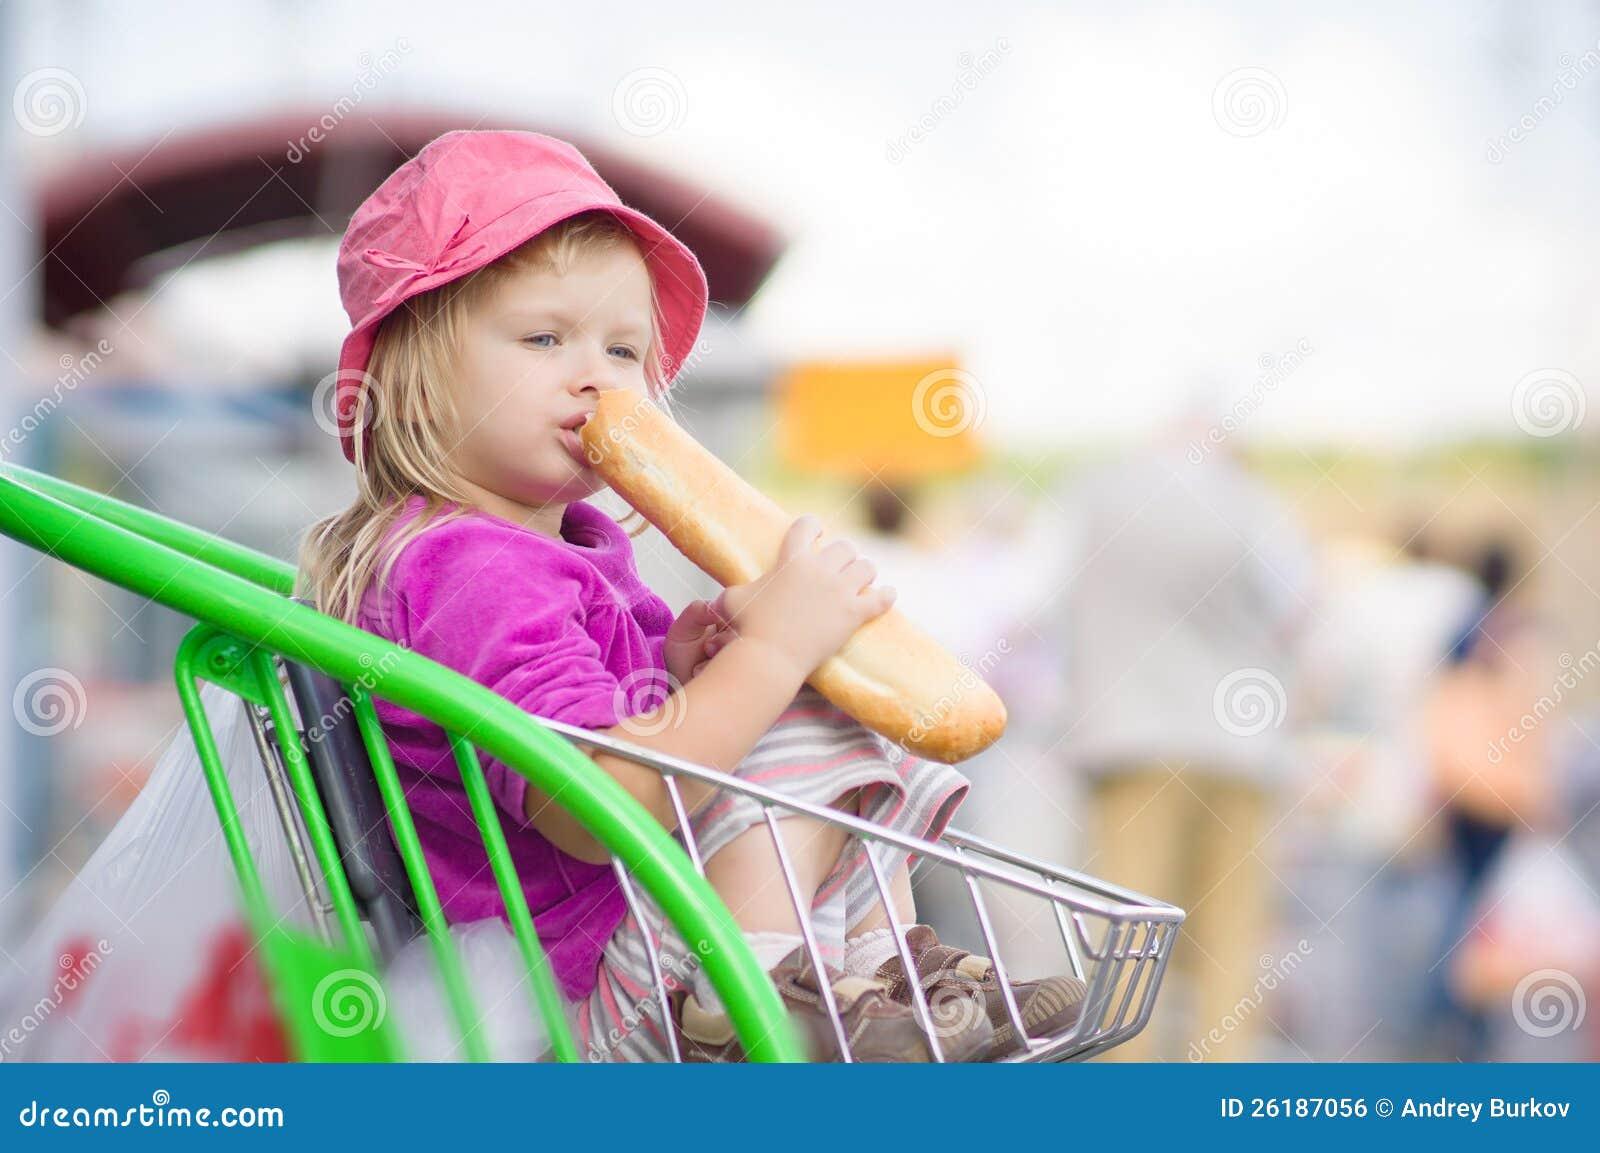 Entzückendes Schätzchen essen langes Brot, sitzen im Wagen